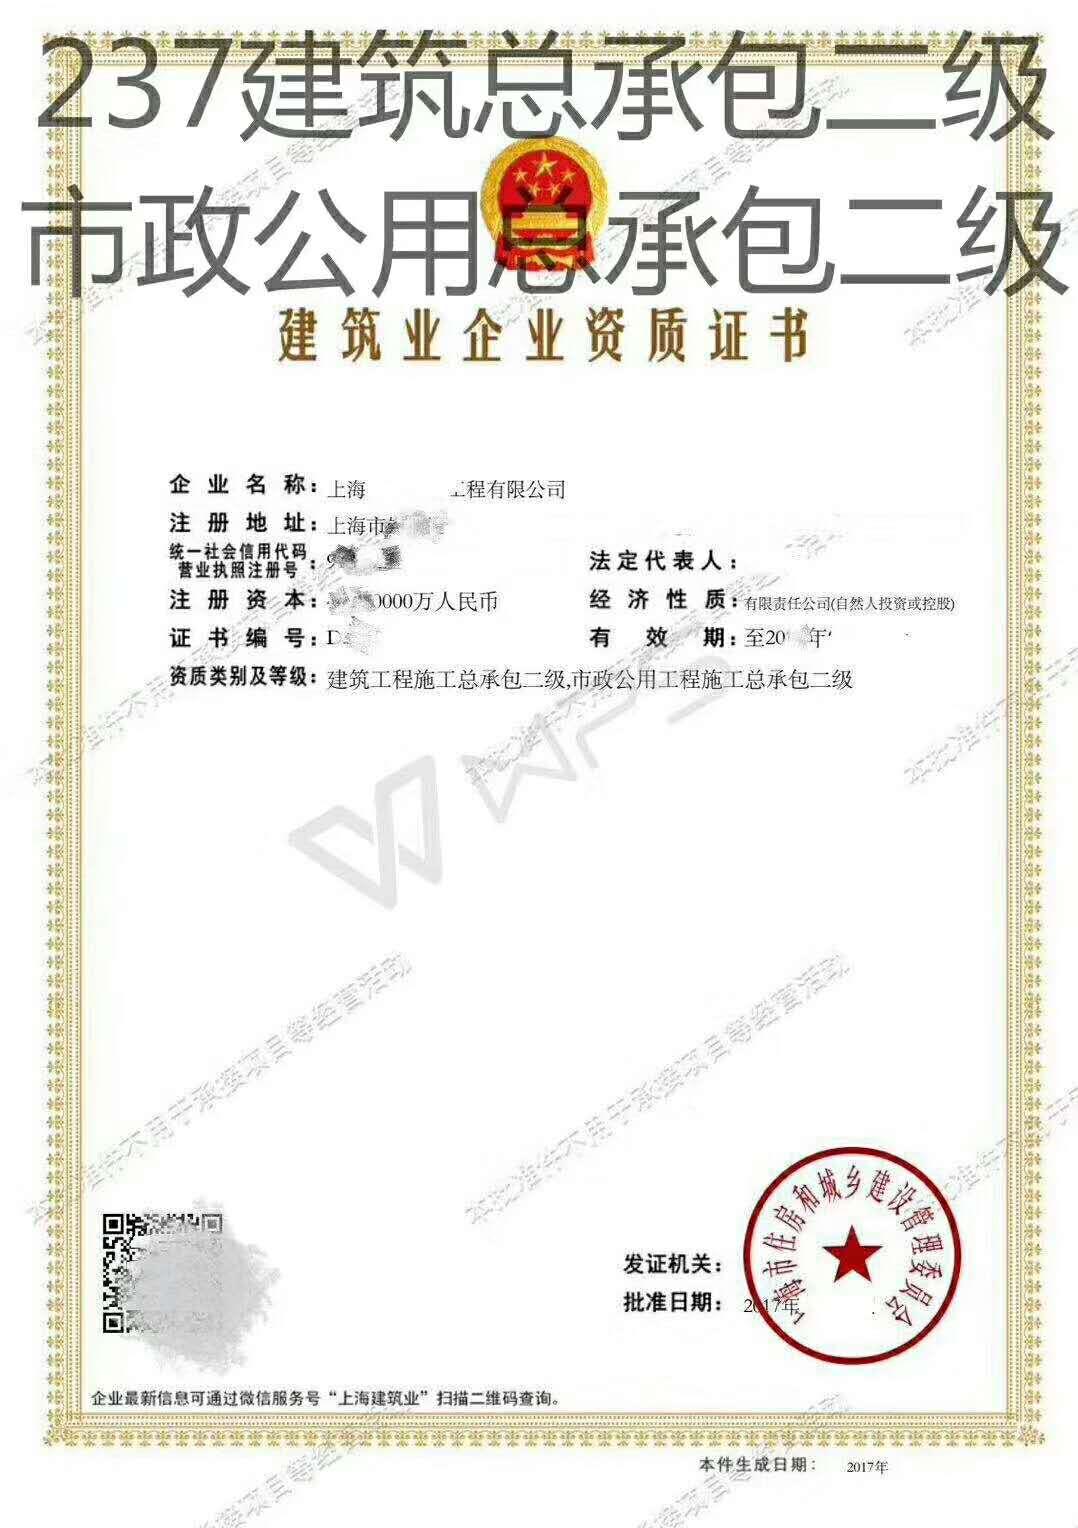 上海建筑市政总承包二级资质甩卖了欢迎咨询哦